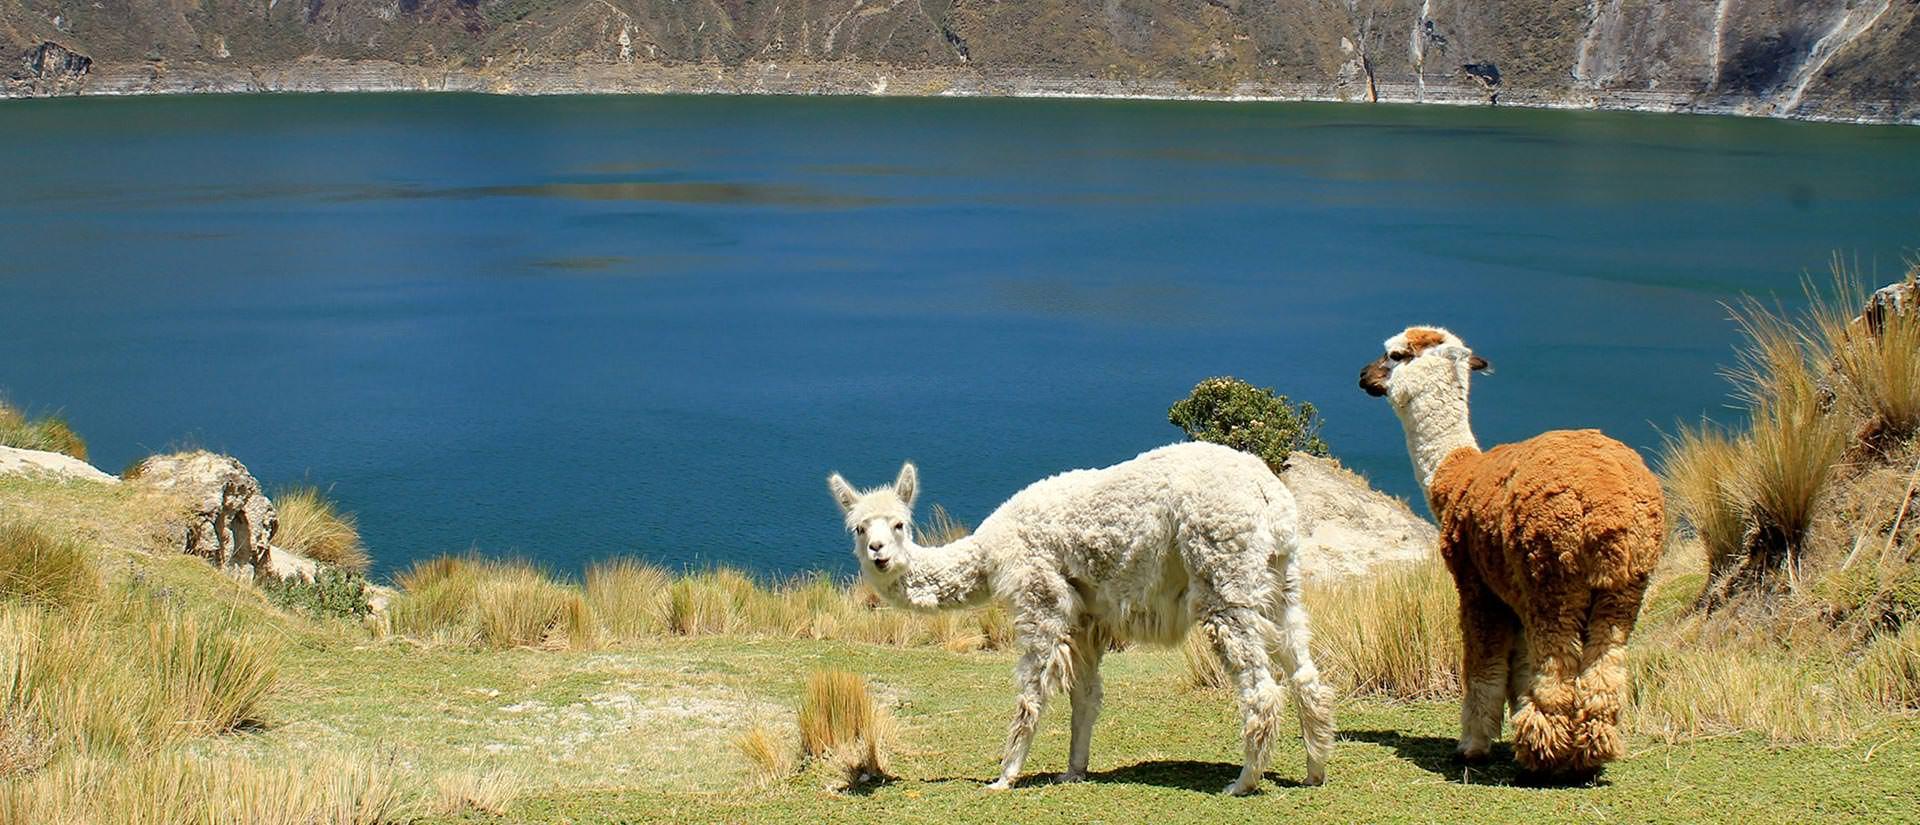 עשרה דברים מעניינים שכדאי לדעת על אקוודור